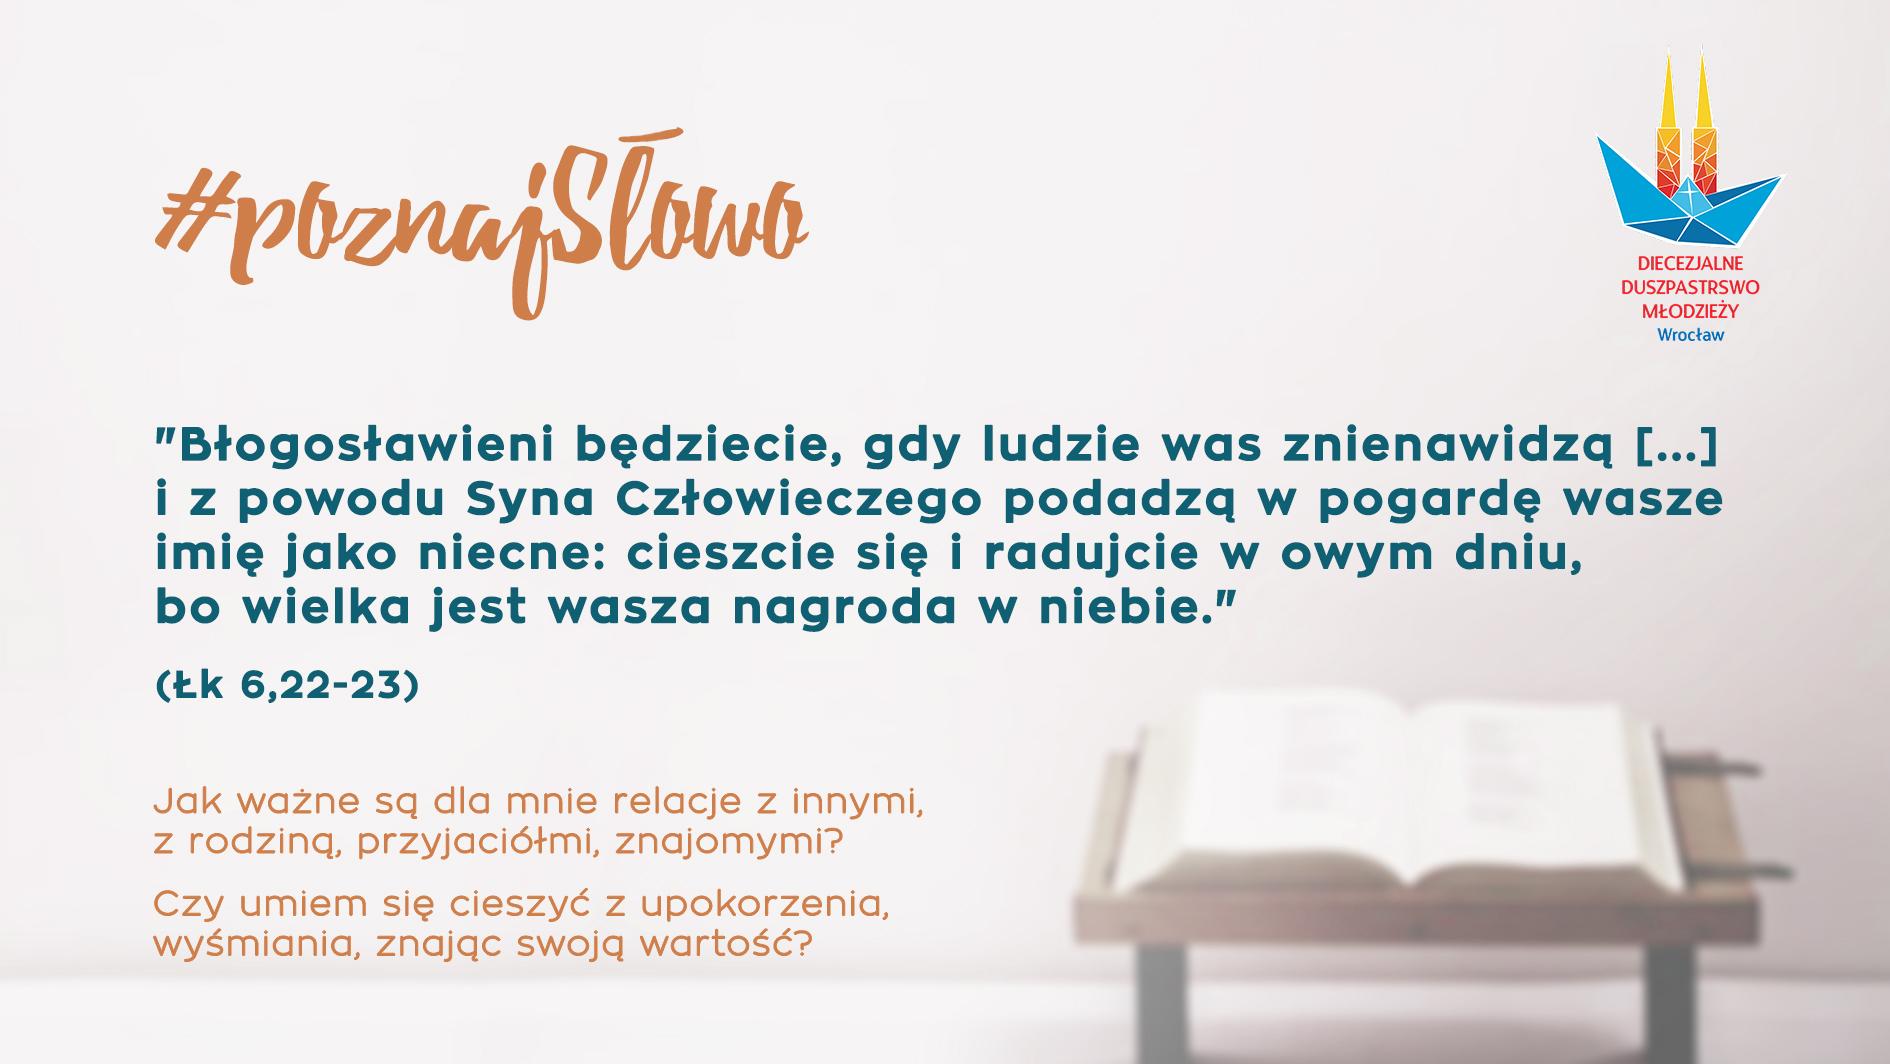 11. #poznajSłowo - Justyna Spychalska - 17.02.19